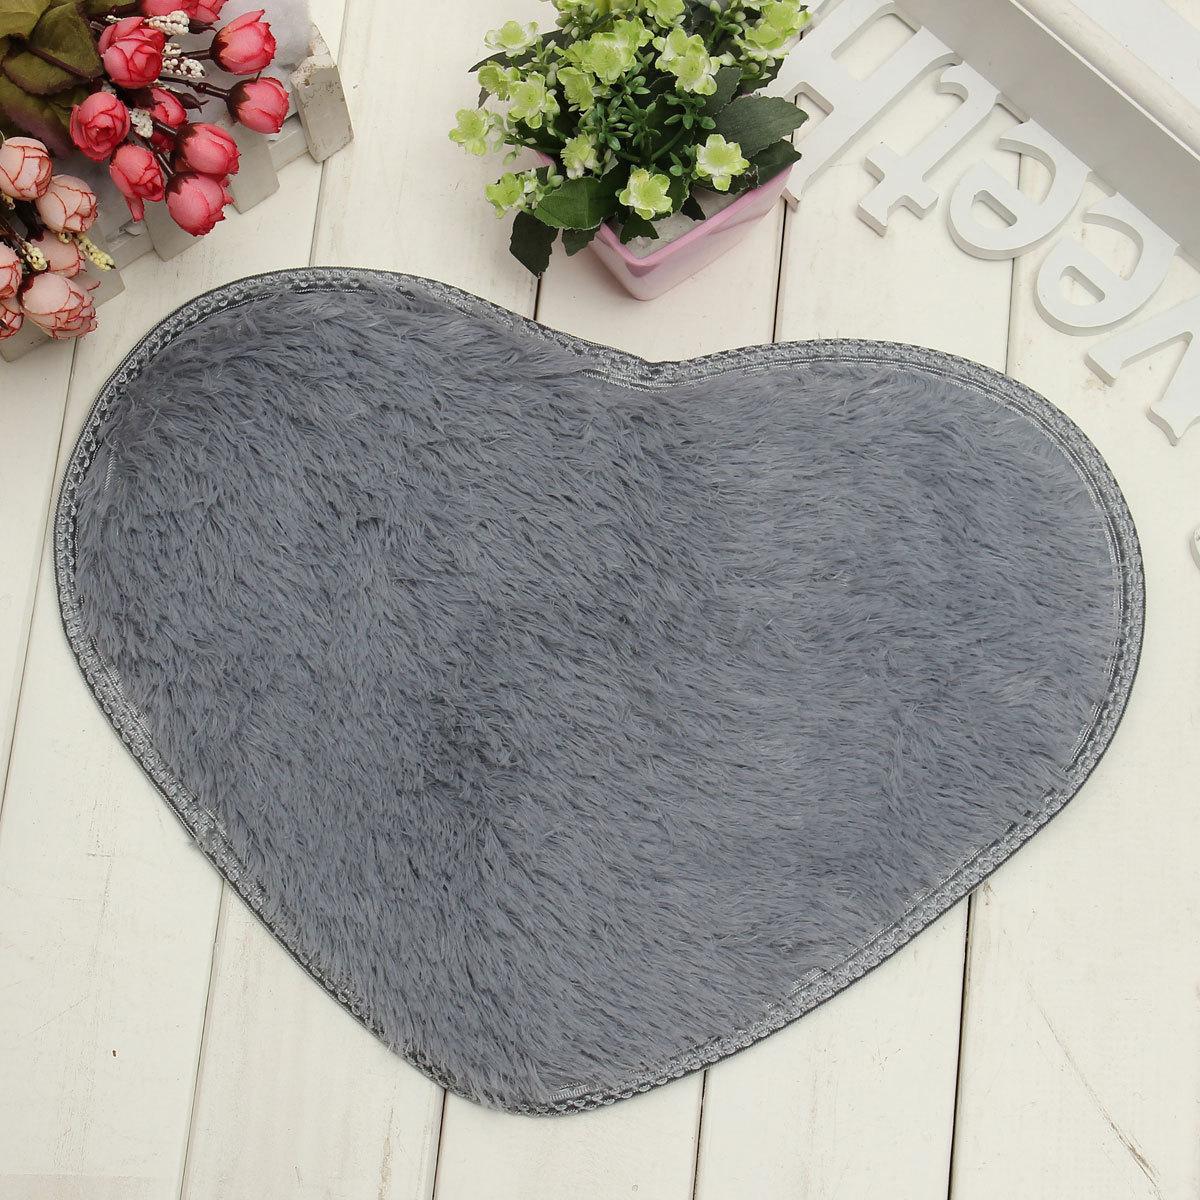 tapis de bain coeur paillasson entr e sol carpette antid rapant douche 40 30cm. Black Bedroom Furniture Sets. Home Design Ideas